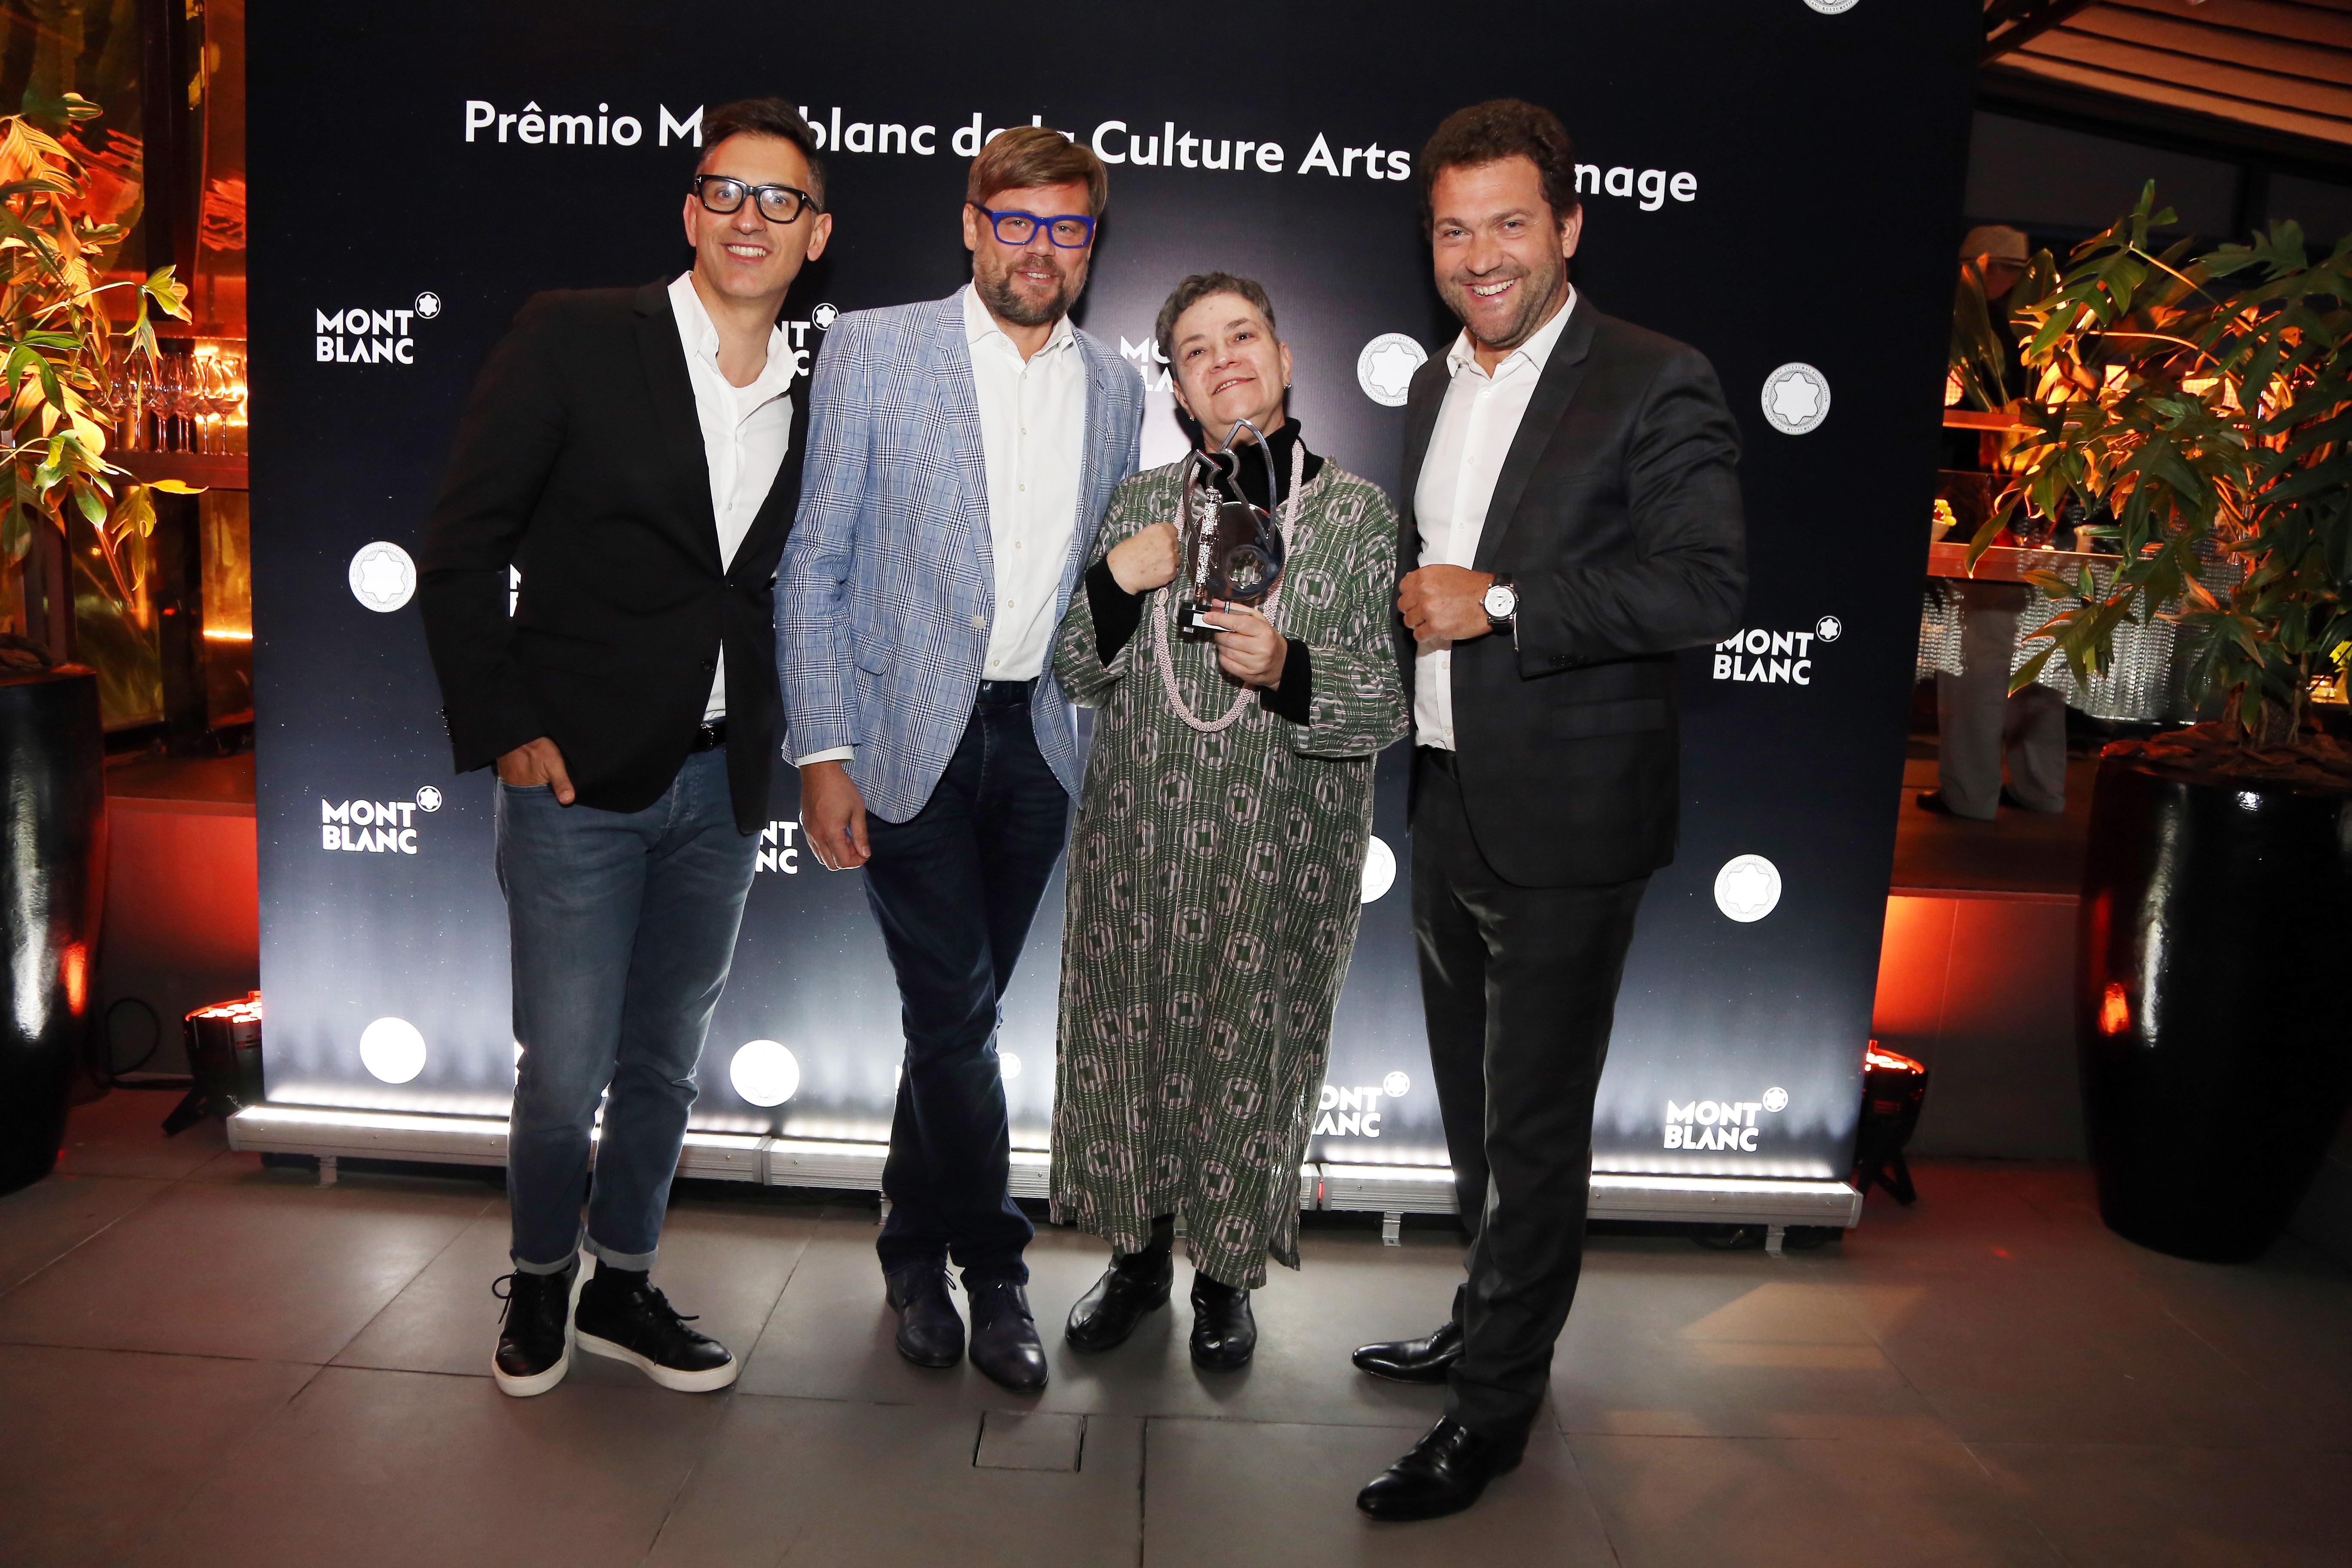 63a8524ba36600bfba23677f42606981 - Mônica Nador é a vencedora do 27º Prêmio Montblanc de Cultura